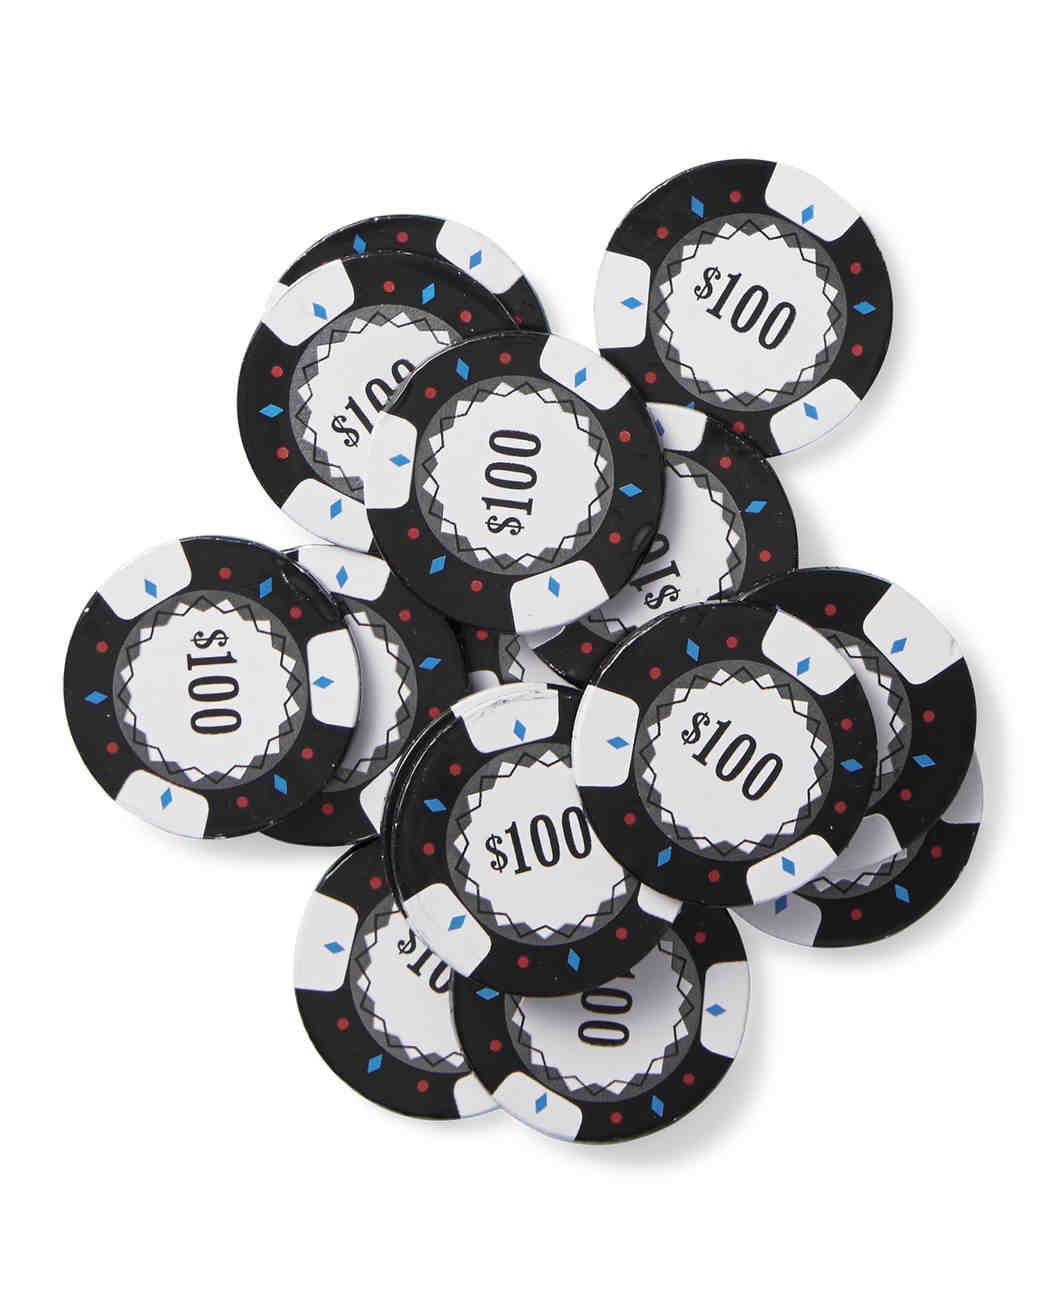 nevada-nv-poker-chips-151-d111965.jpg